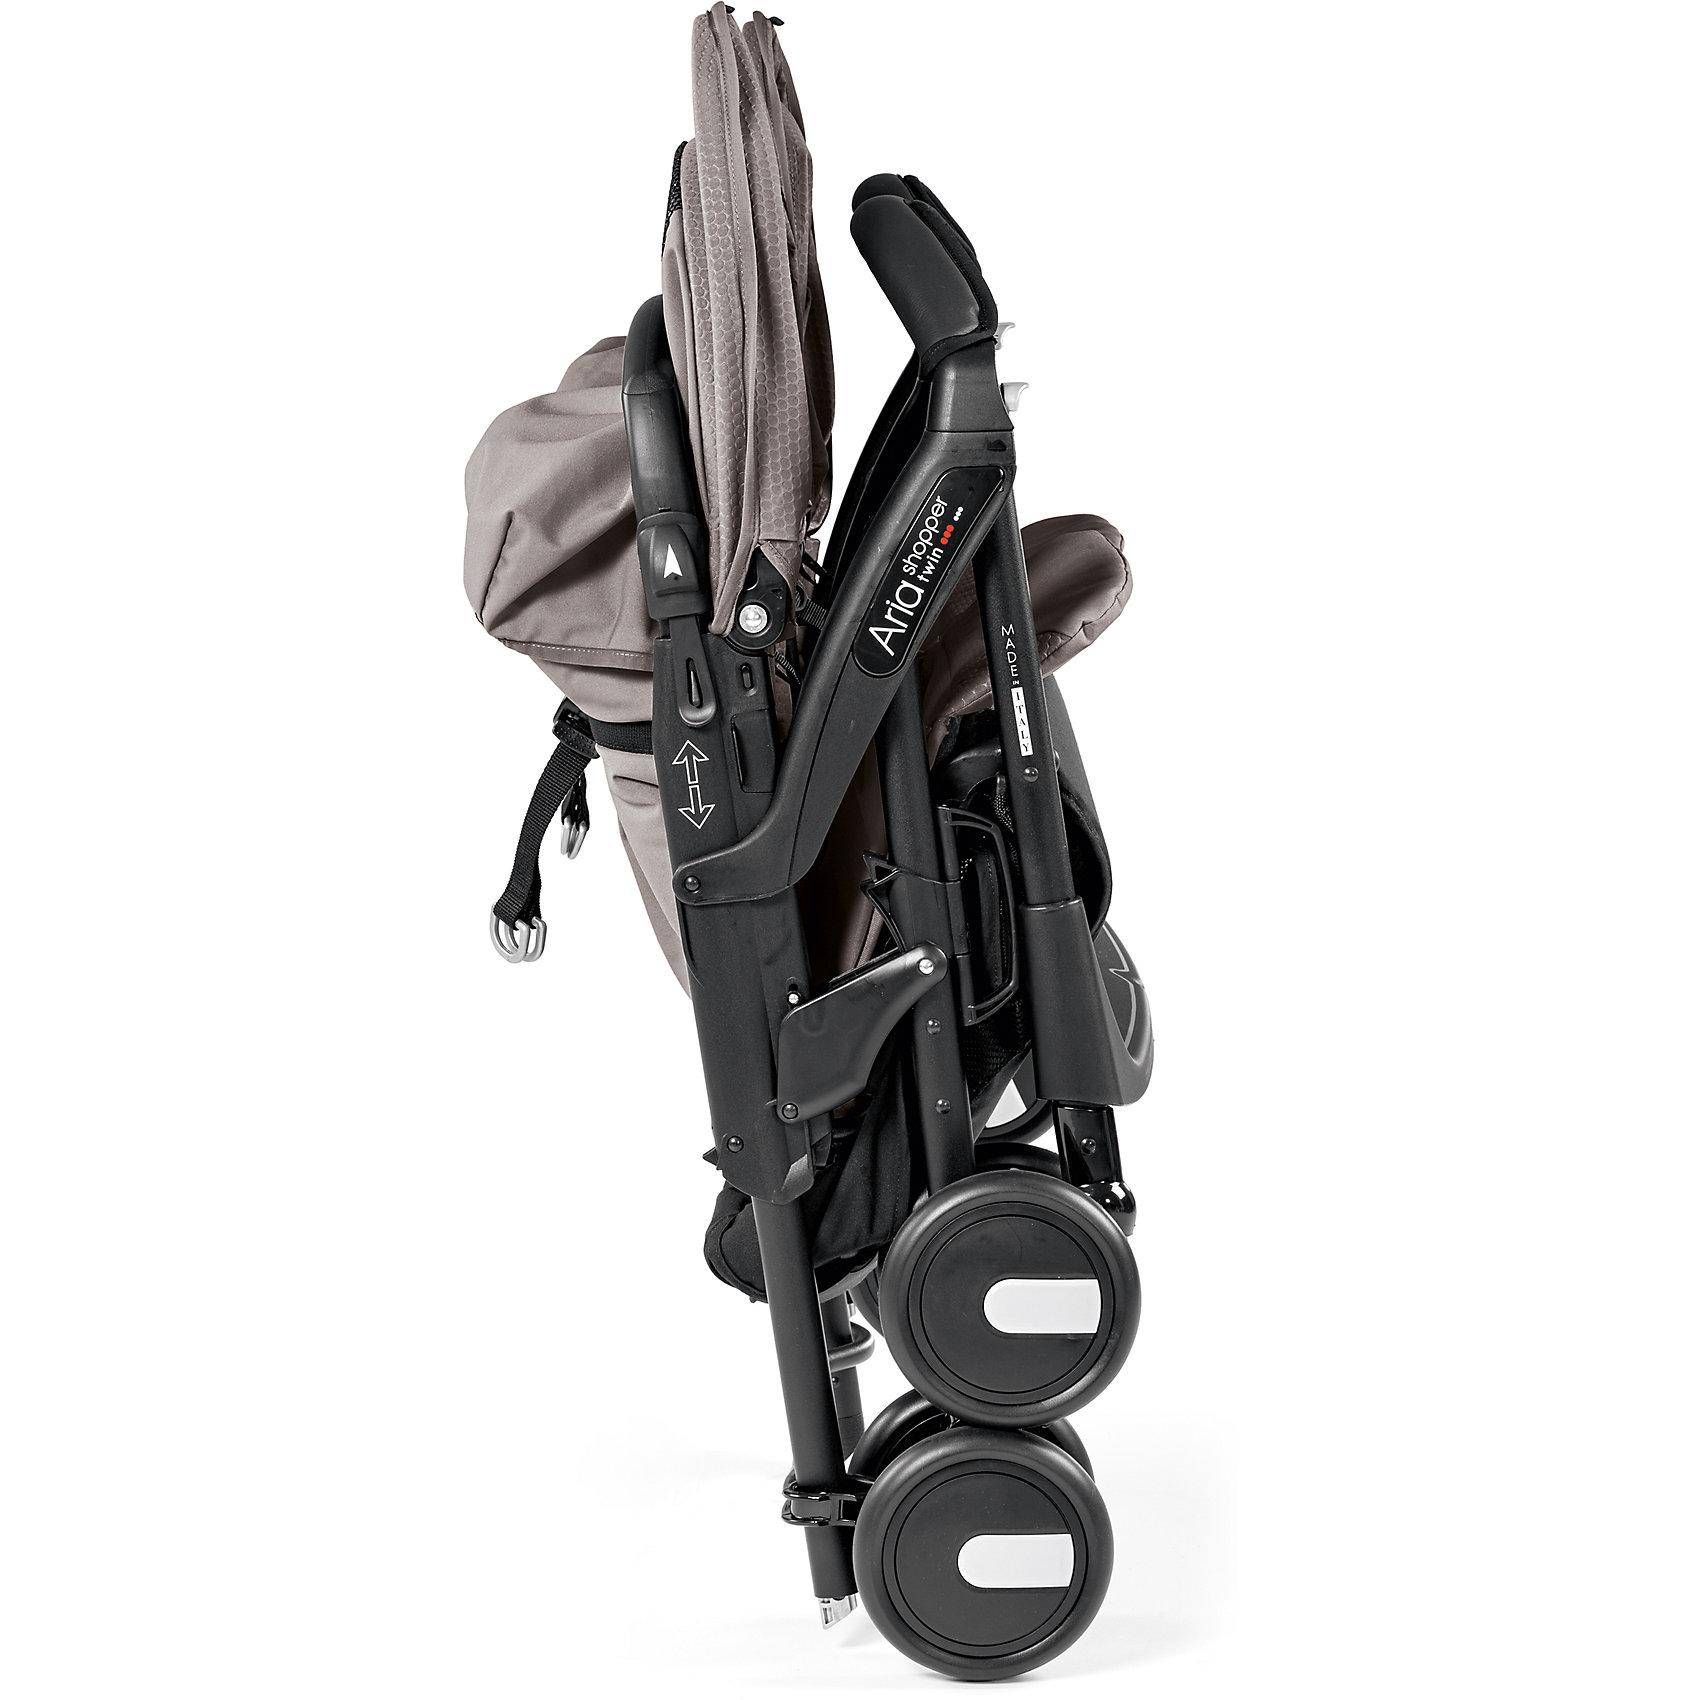 Peg Perego Прогулочная коляска для двойни Peg-Perego Aria Shopper Twin, Mod Beige